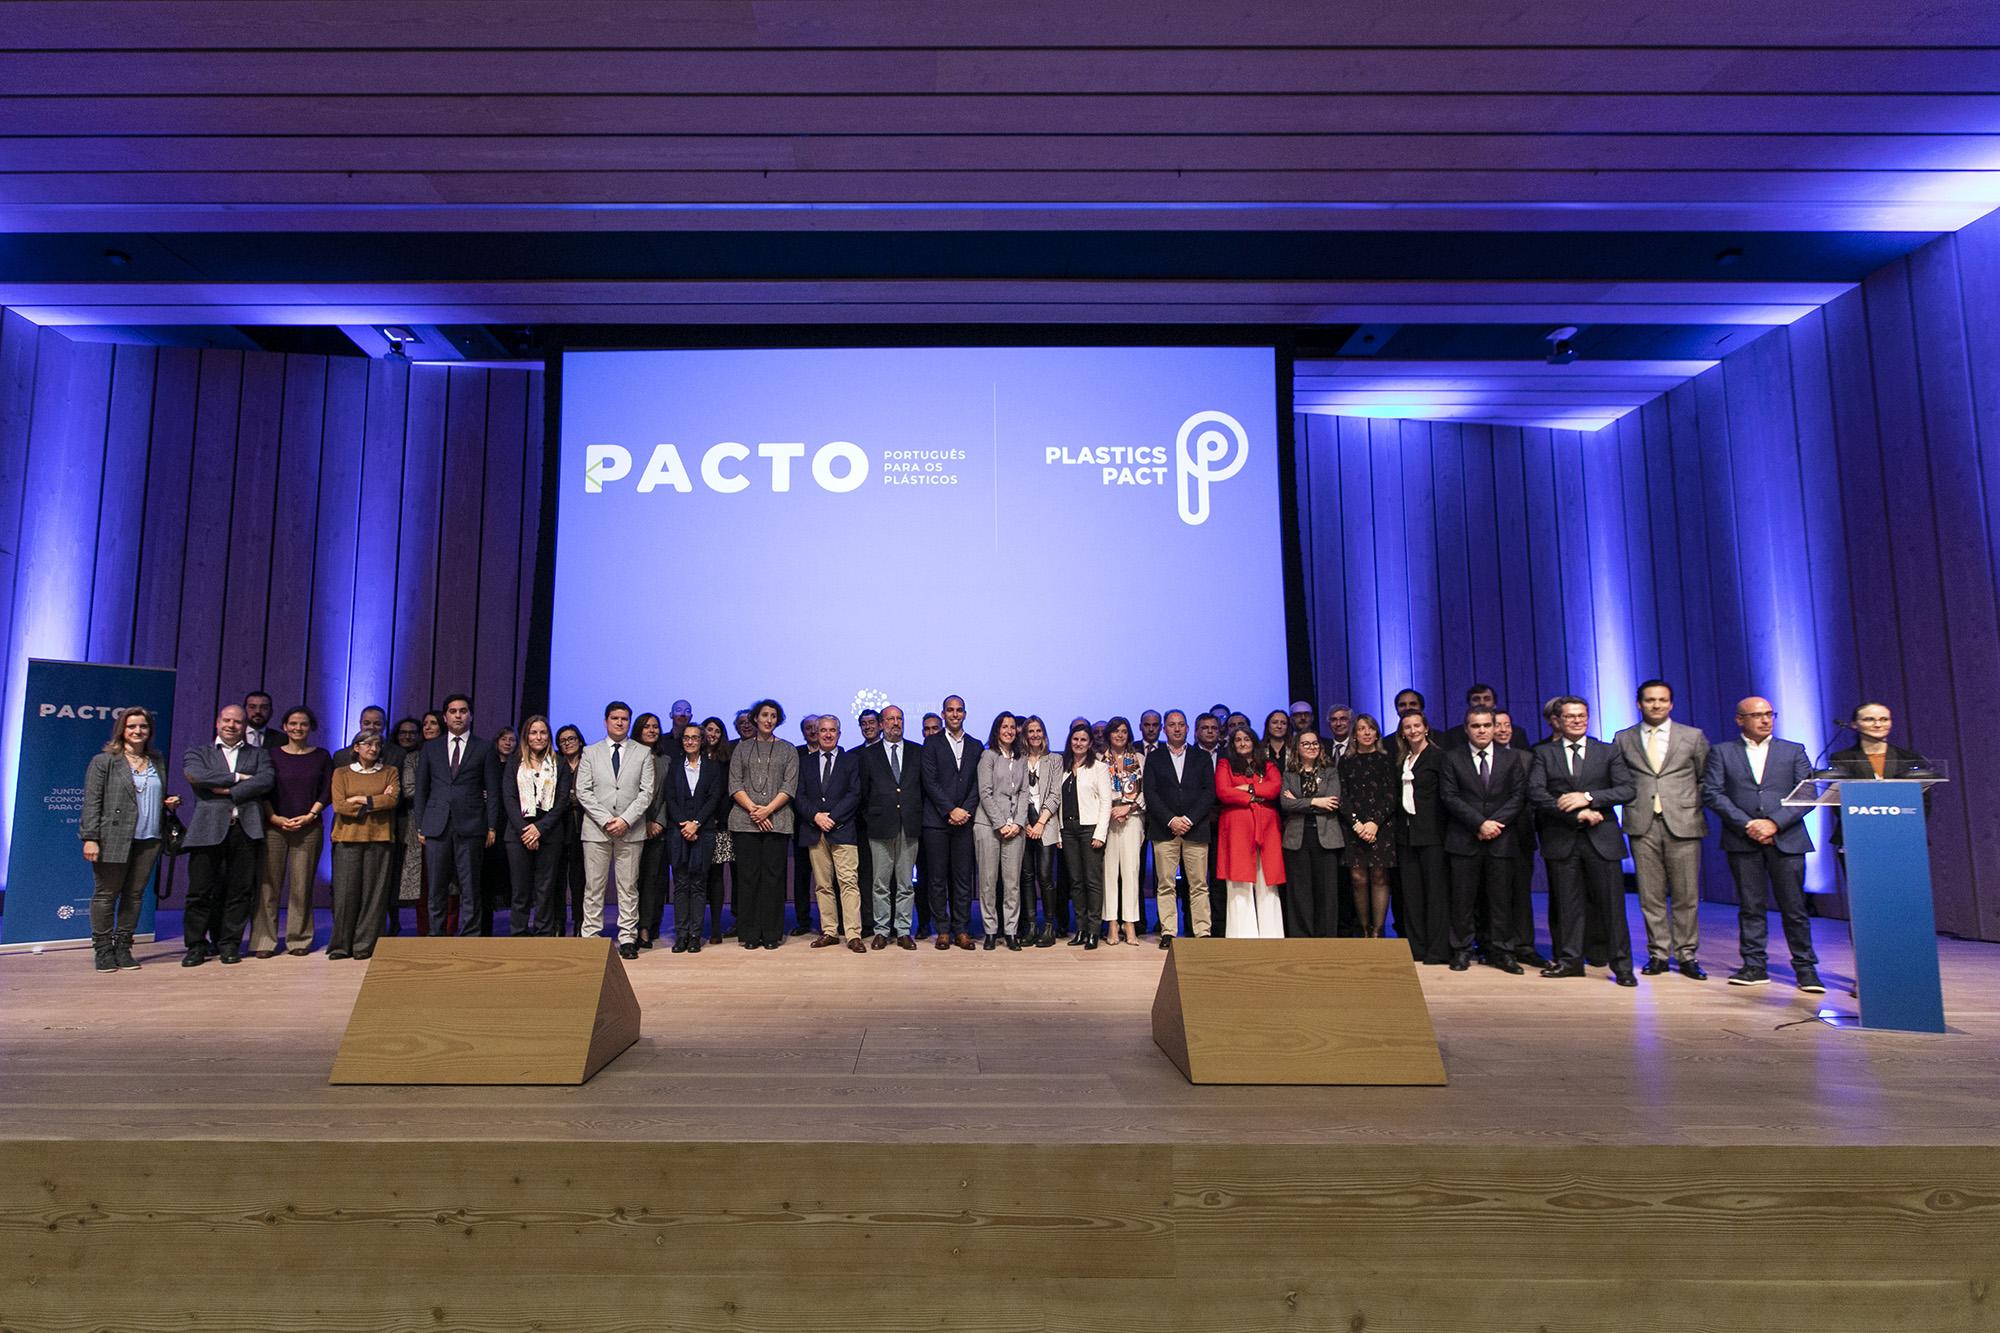 Apresentação do Pacto Português para os Plásticos - 04FEV20